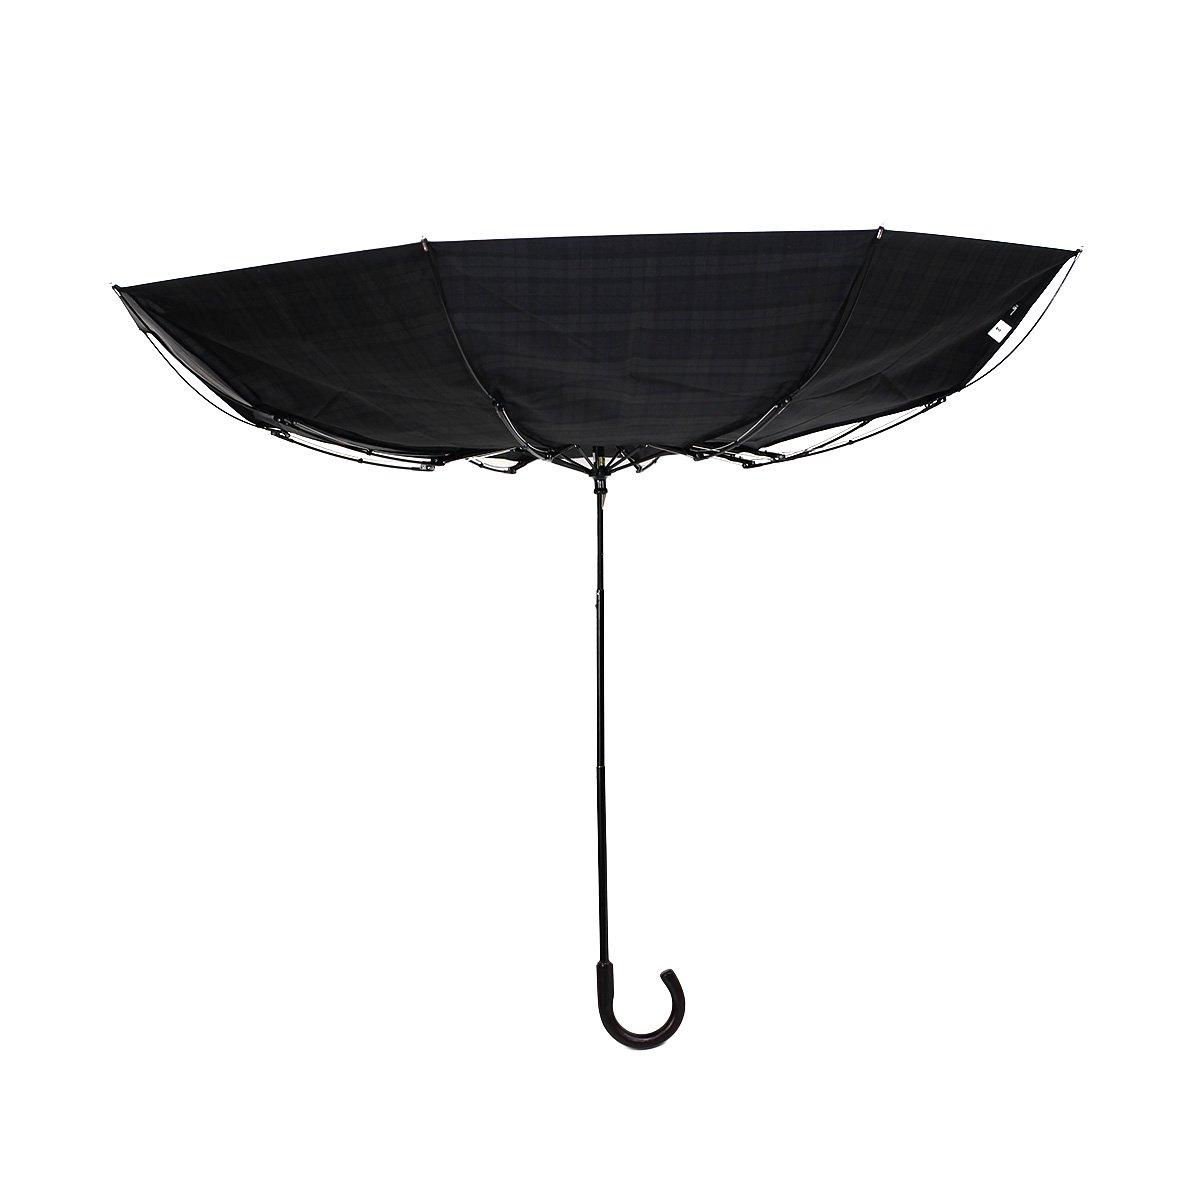 【公式限定】強力撥水 レインドロップ レクタス 耐風骨 折りたたみ傘 詳細画像10